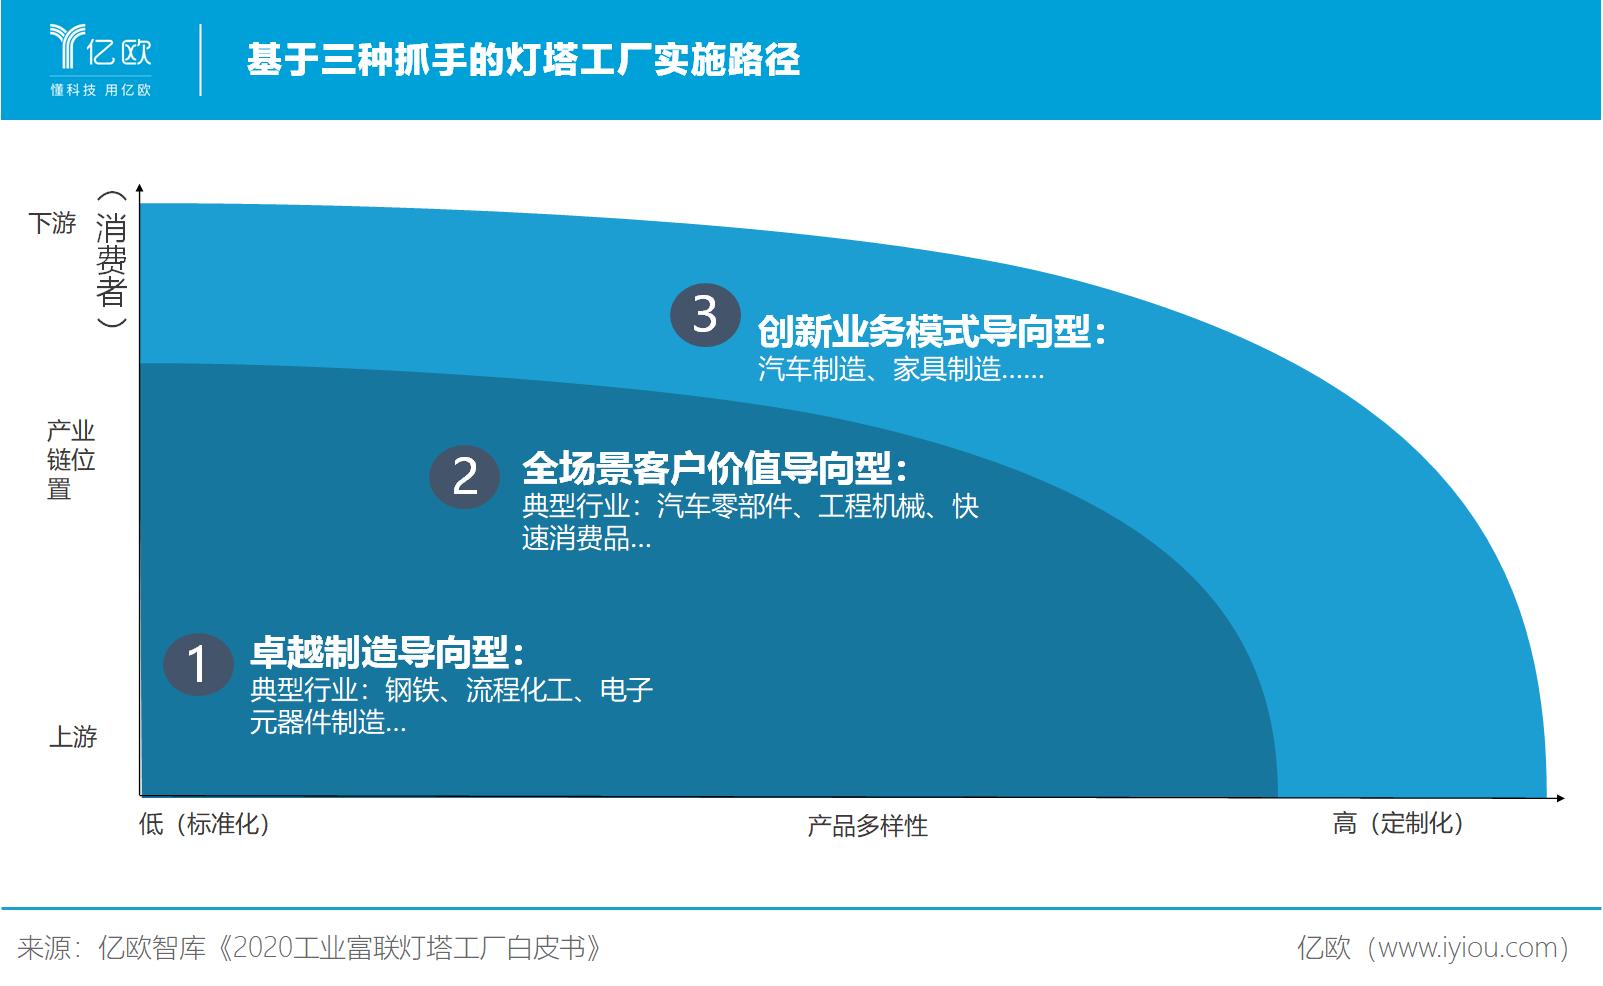 亿欧智库:基于三种抓手的灯塔工厂实施路径